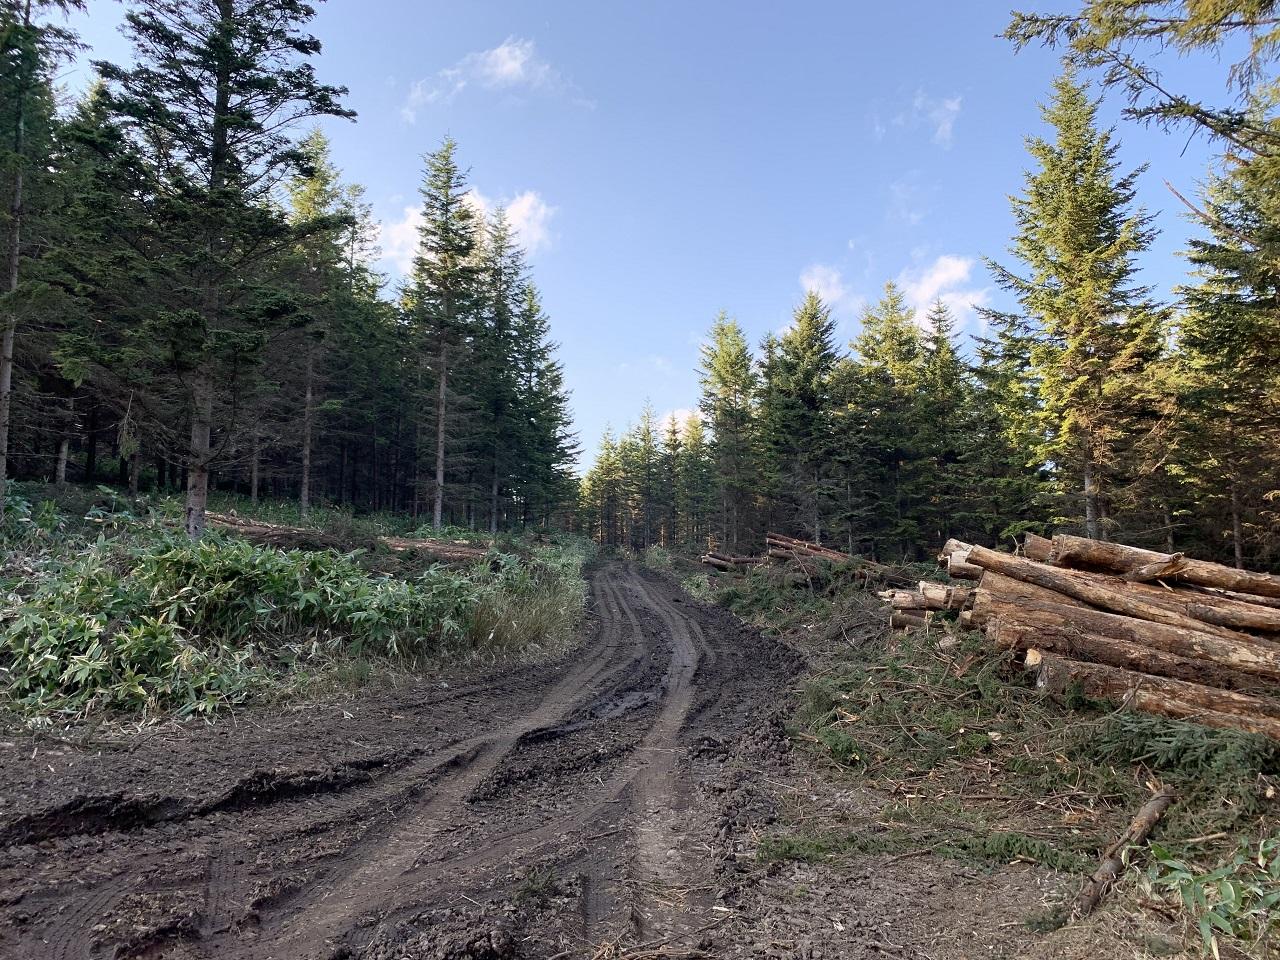 安全対策は林業や作業道のつけ方にでてきます。